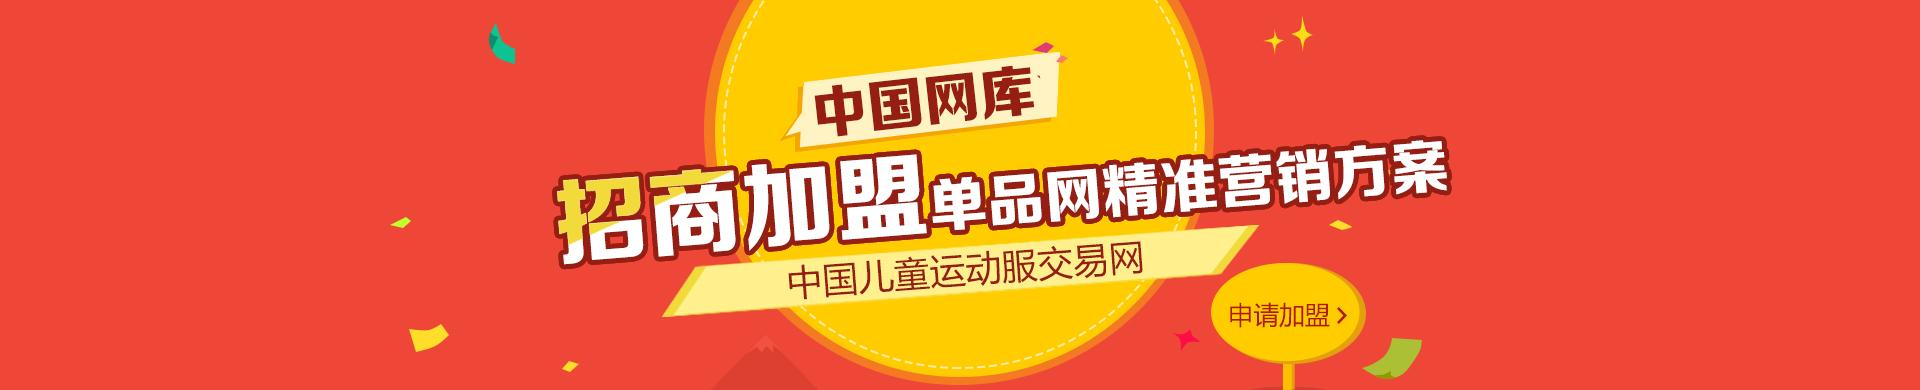 中国儿童运动服交易网